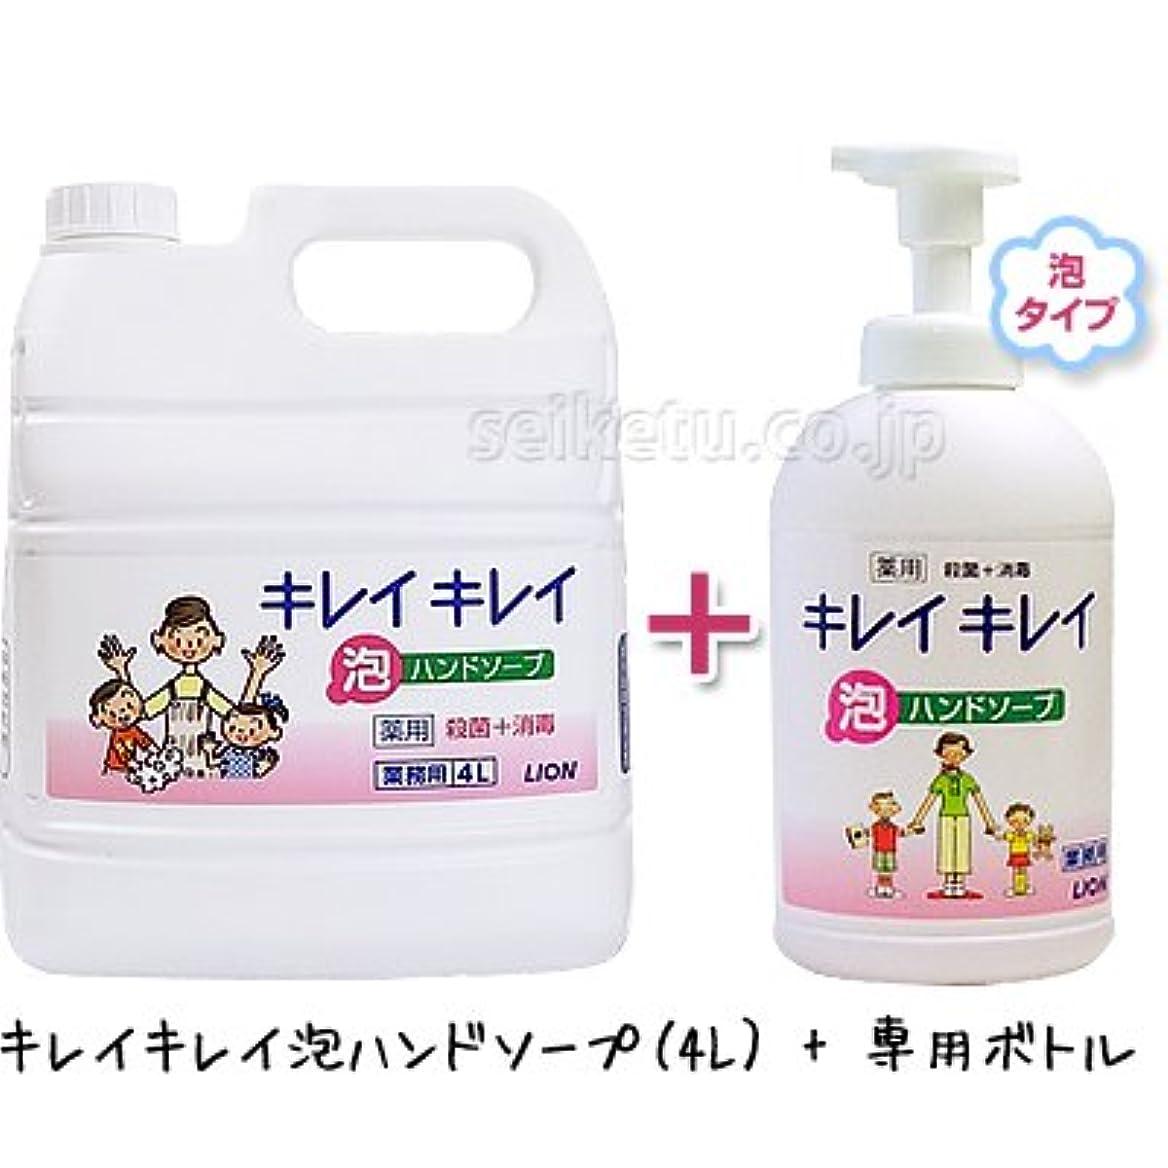 バターパキスタン実験室【清潔キレイ館/お得なセット】ライオン キレイキレイ泡ハンドソープ(4L)+専用ボトル